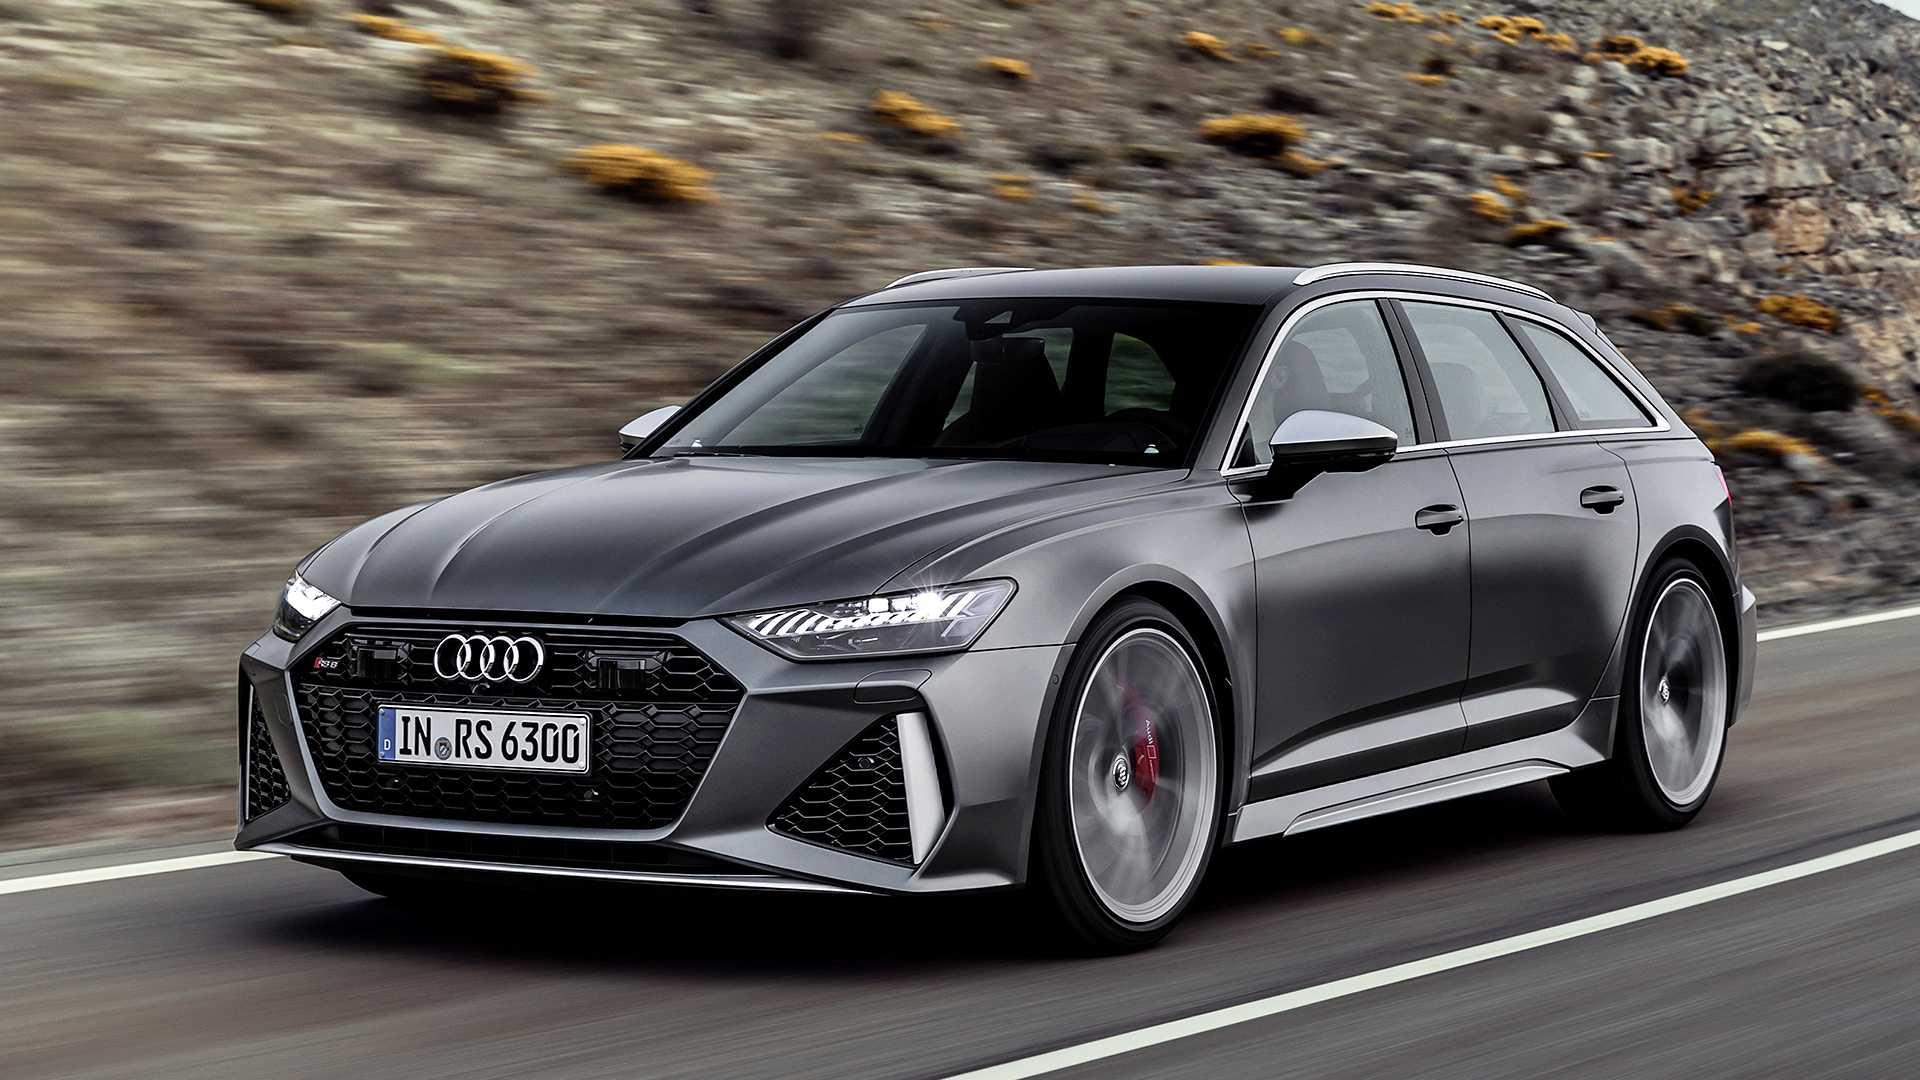 Oficial: nuevo Audi RS6 Avant, híbrido y 600 caballos de potencia